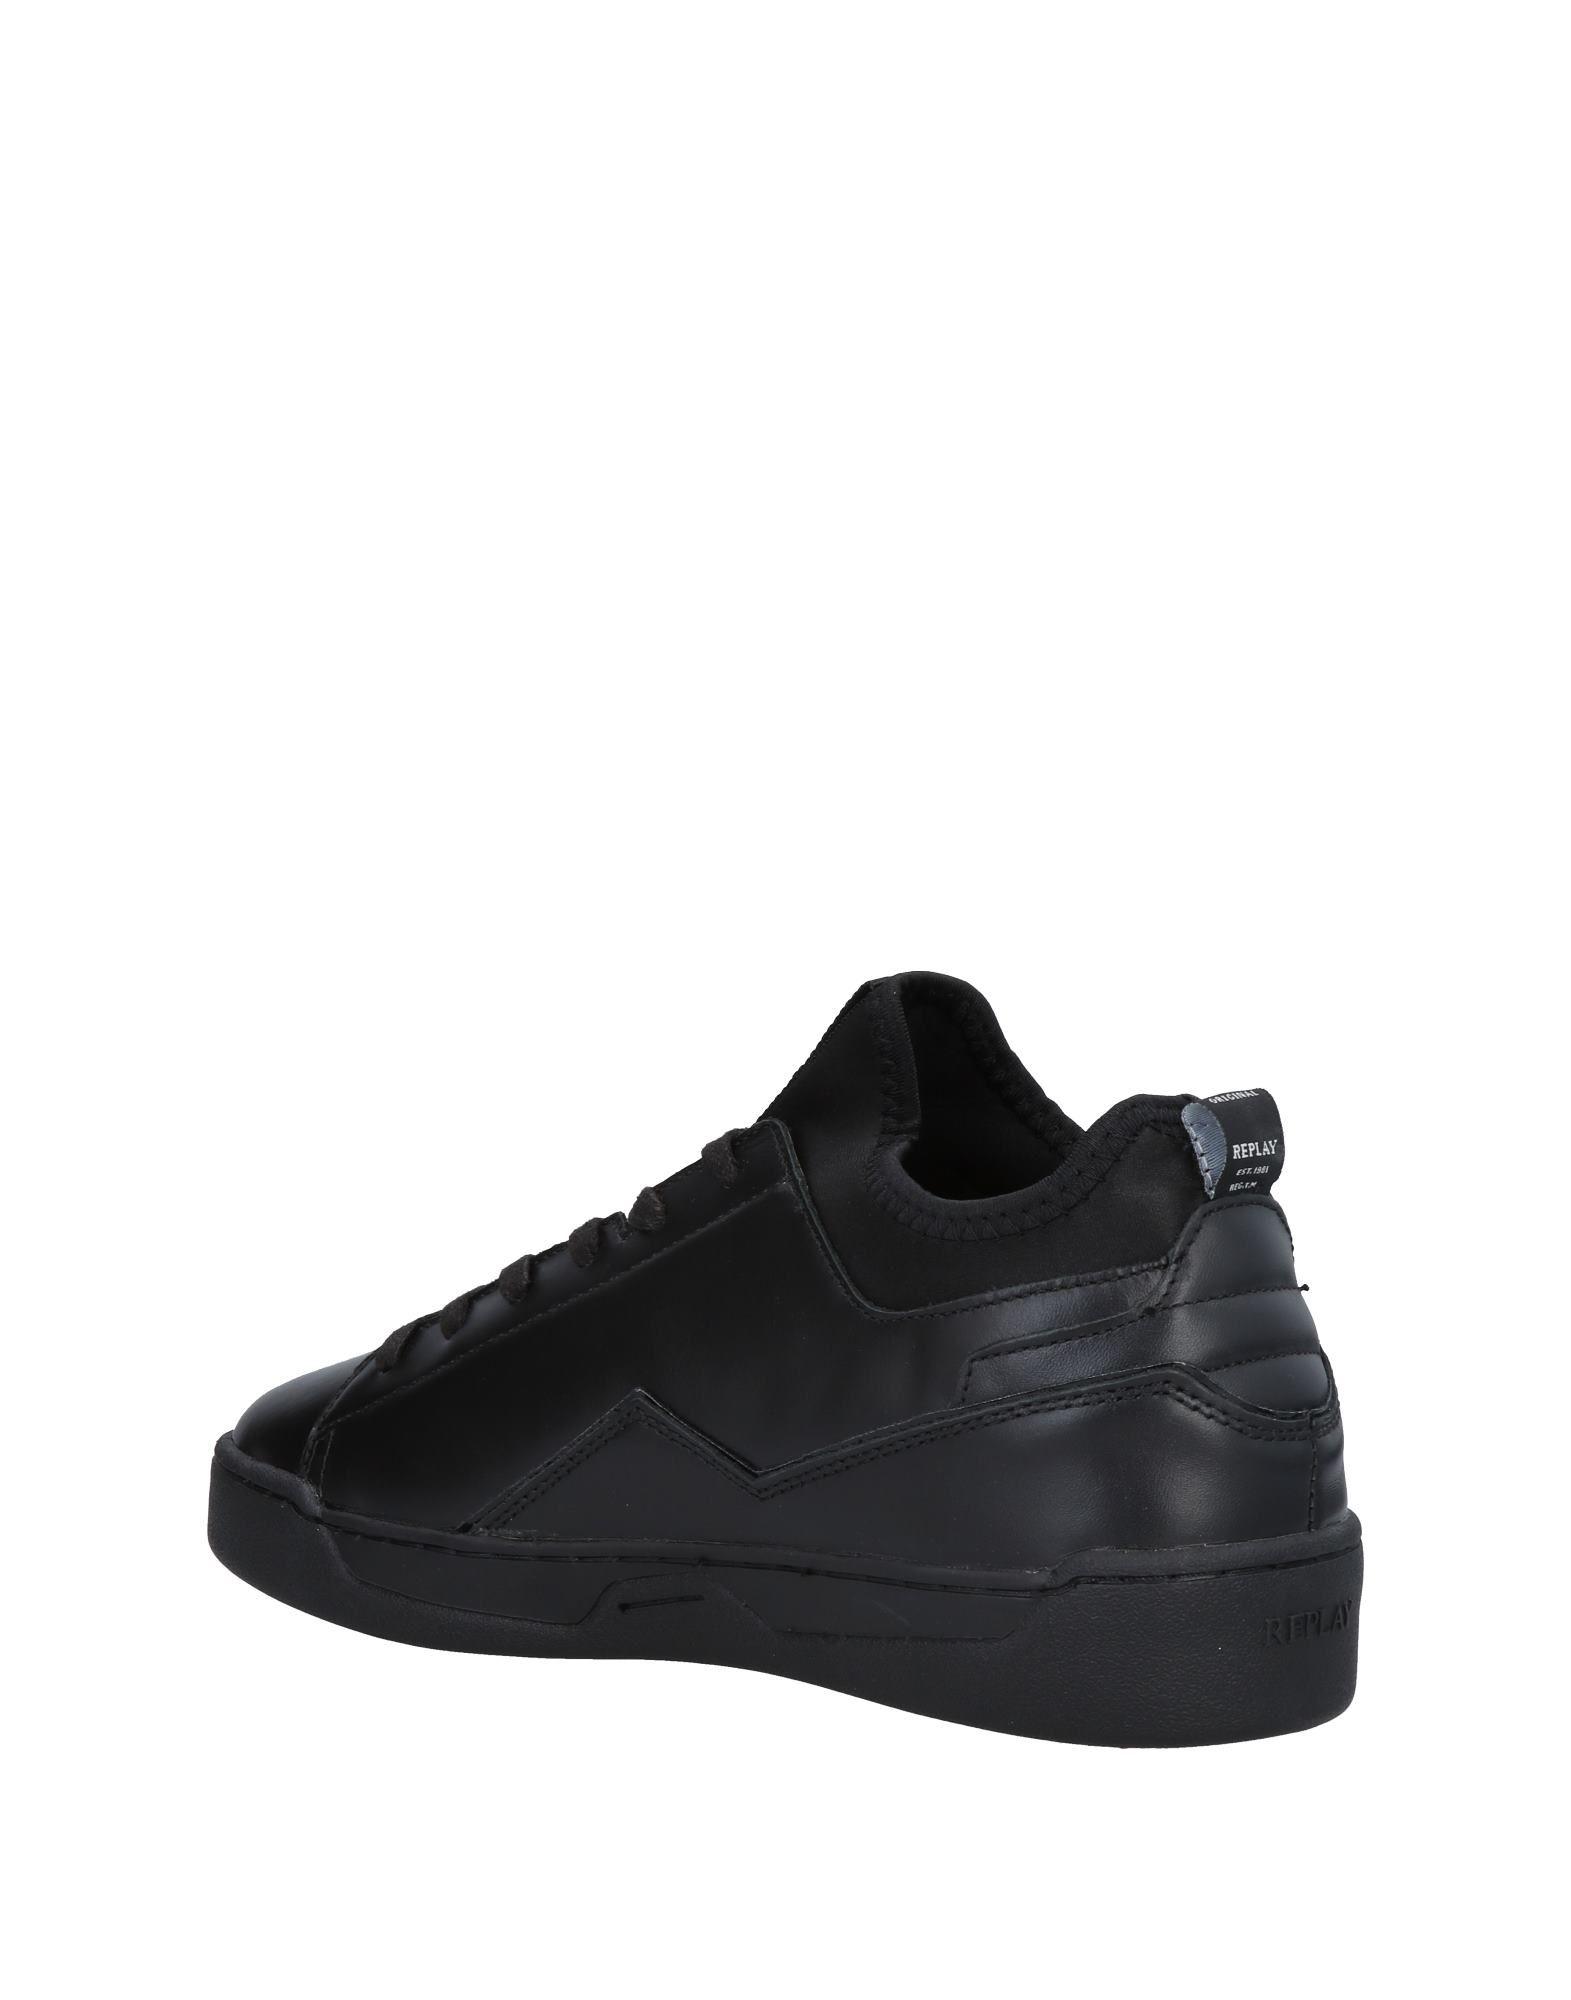 Replay Sneakers Herren  11493110LD 11493110LD  f07461